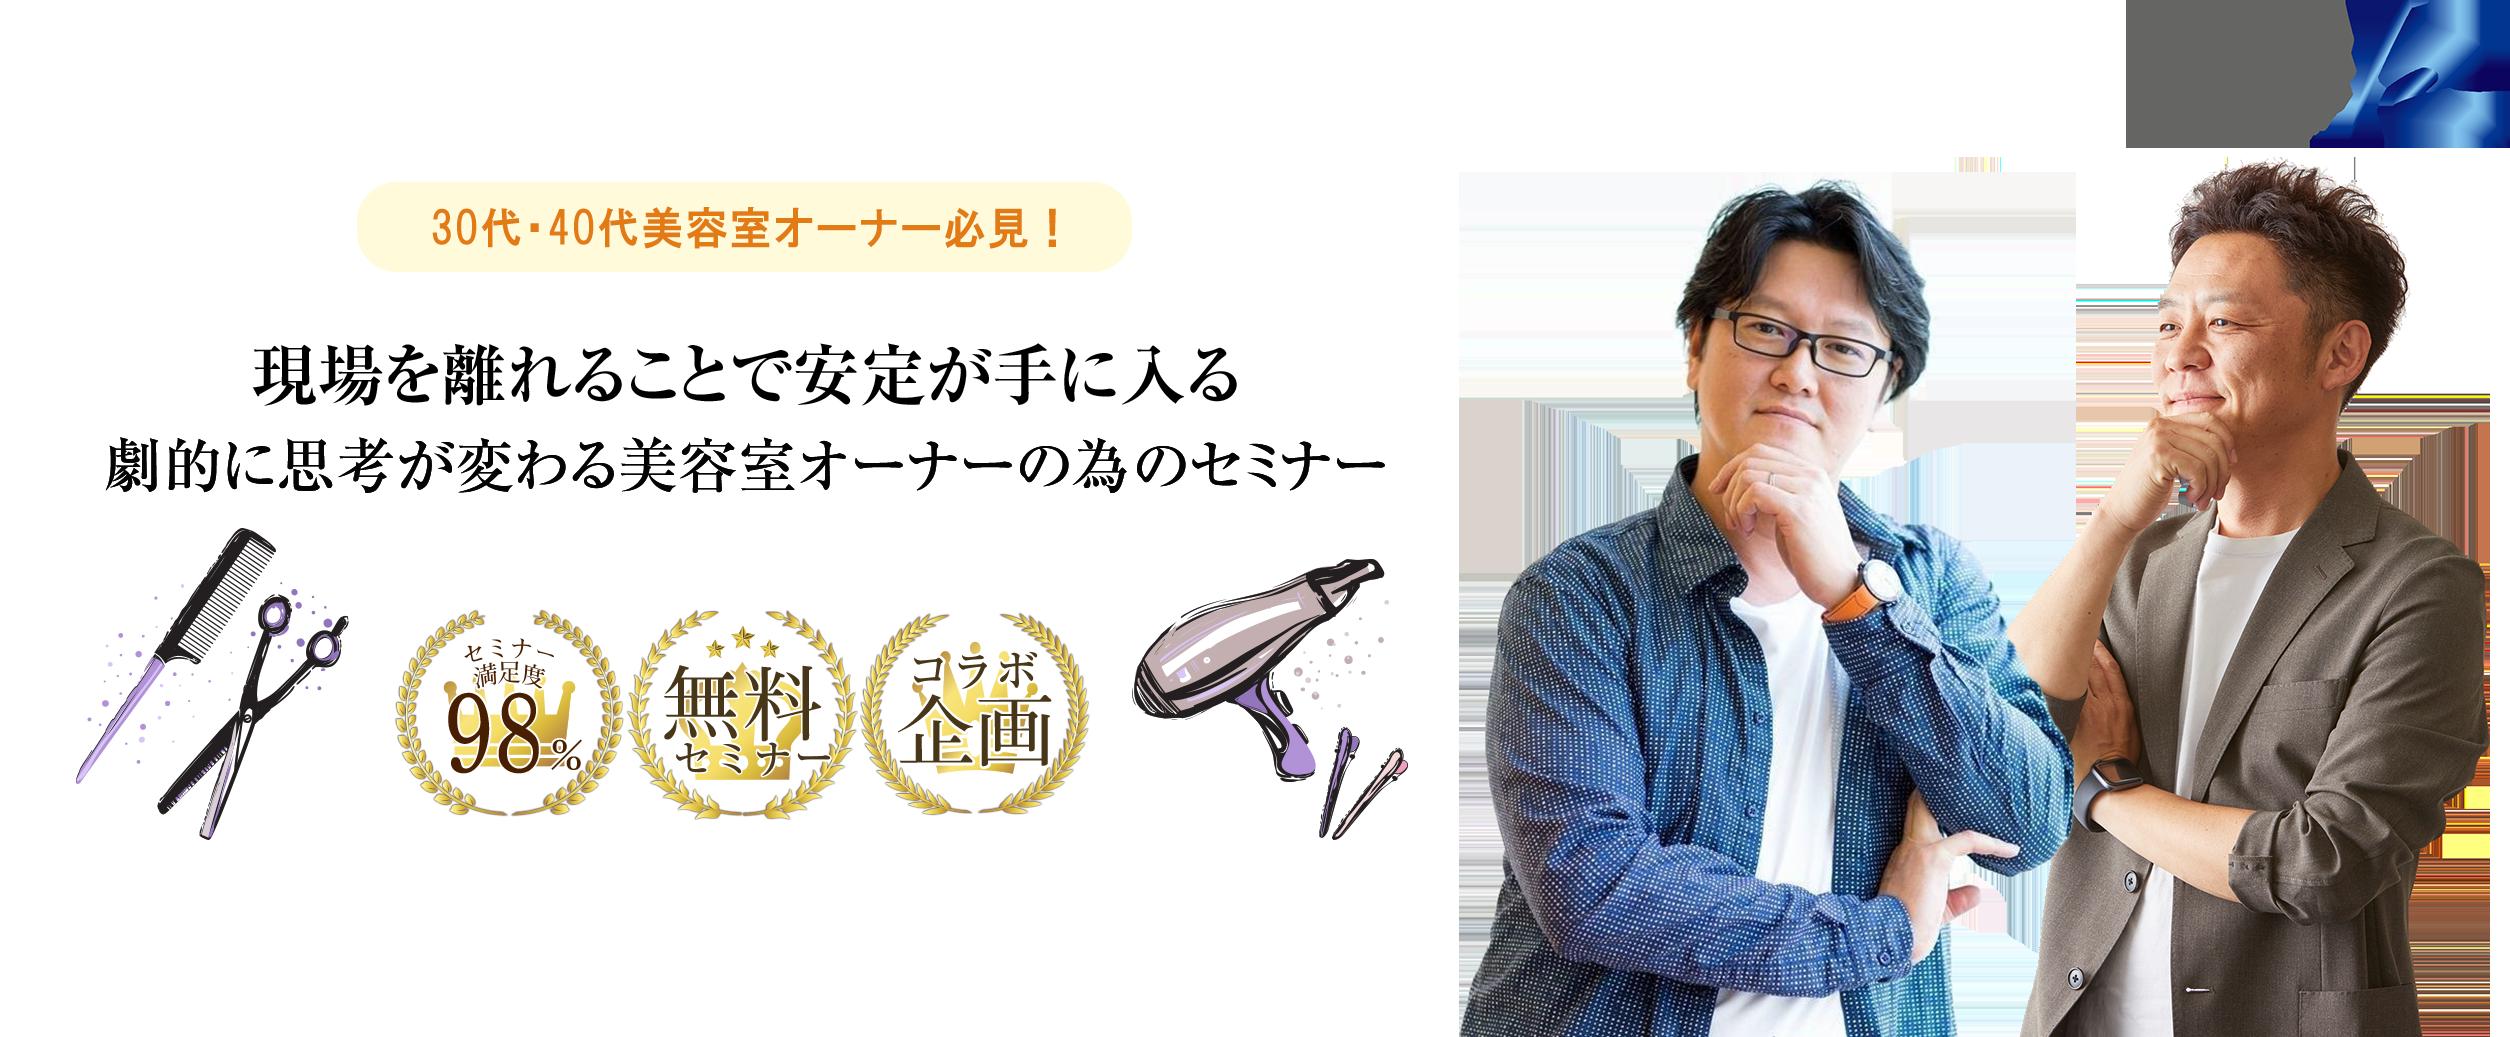 【特別セミナー1】美容室オーナーのハサミの置き方